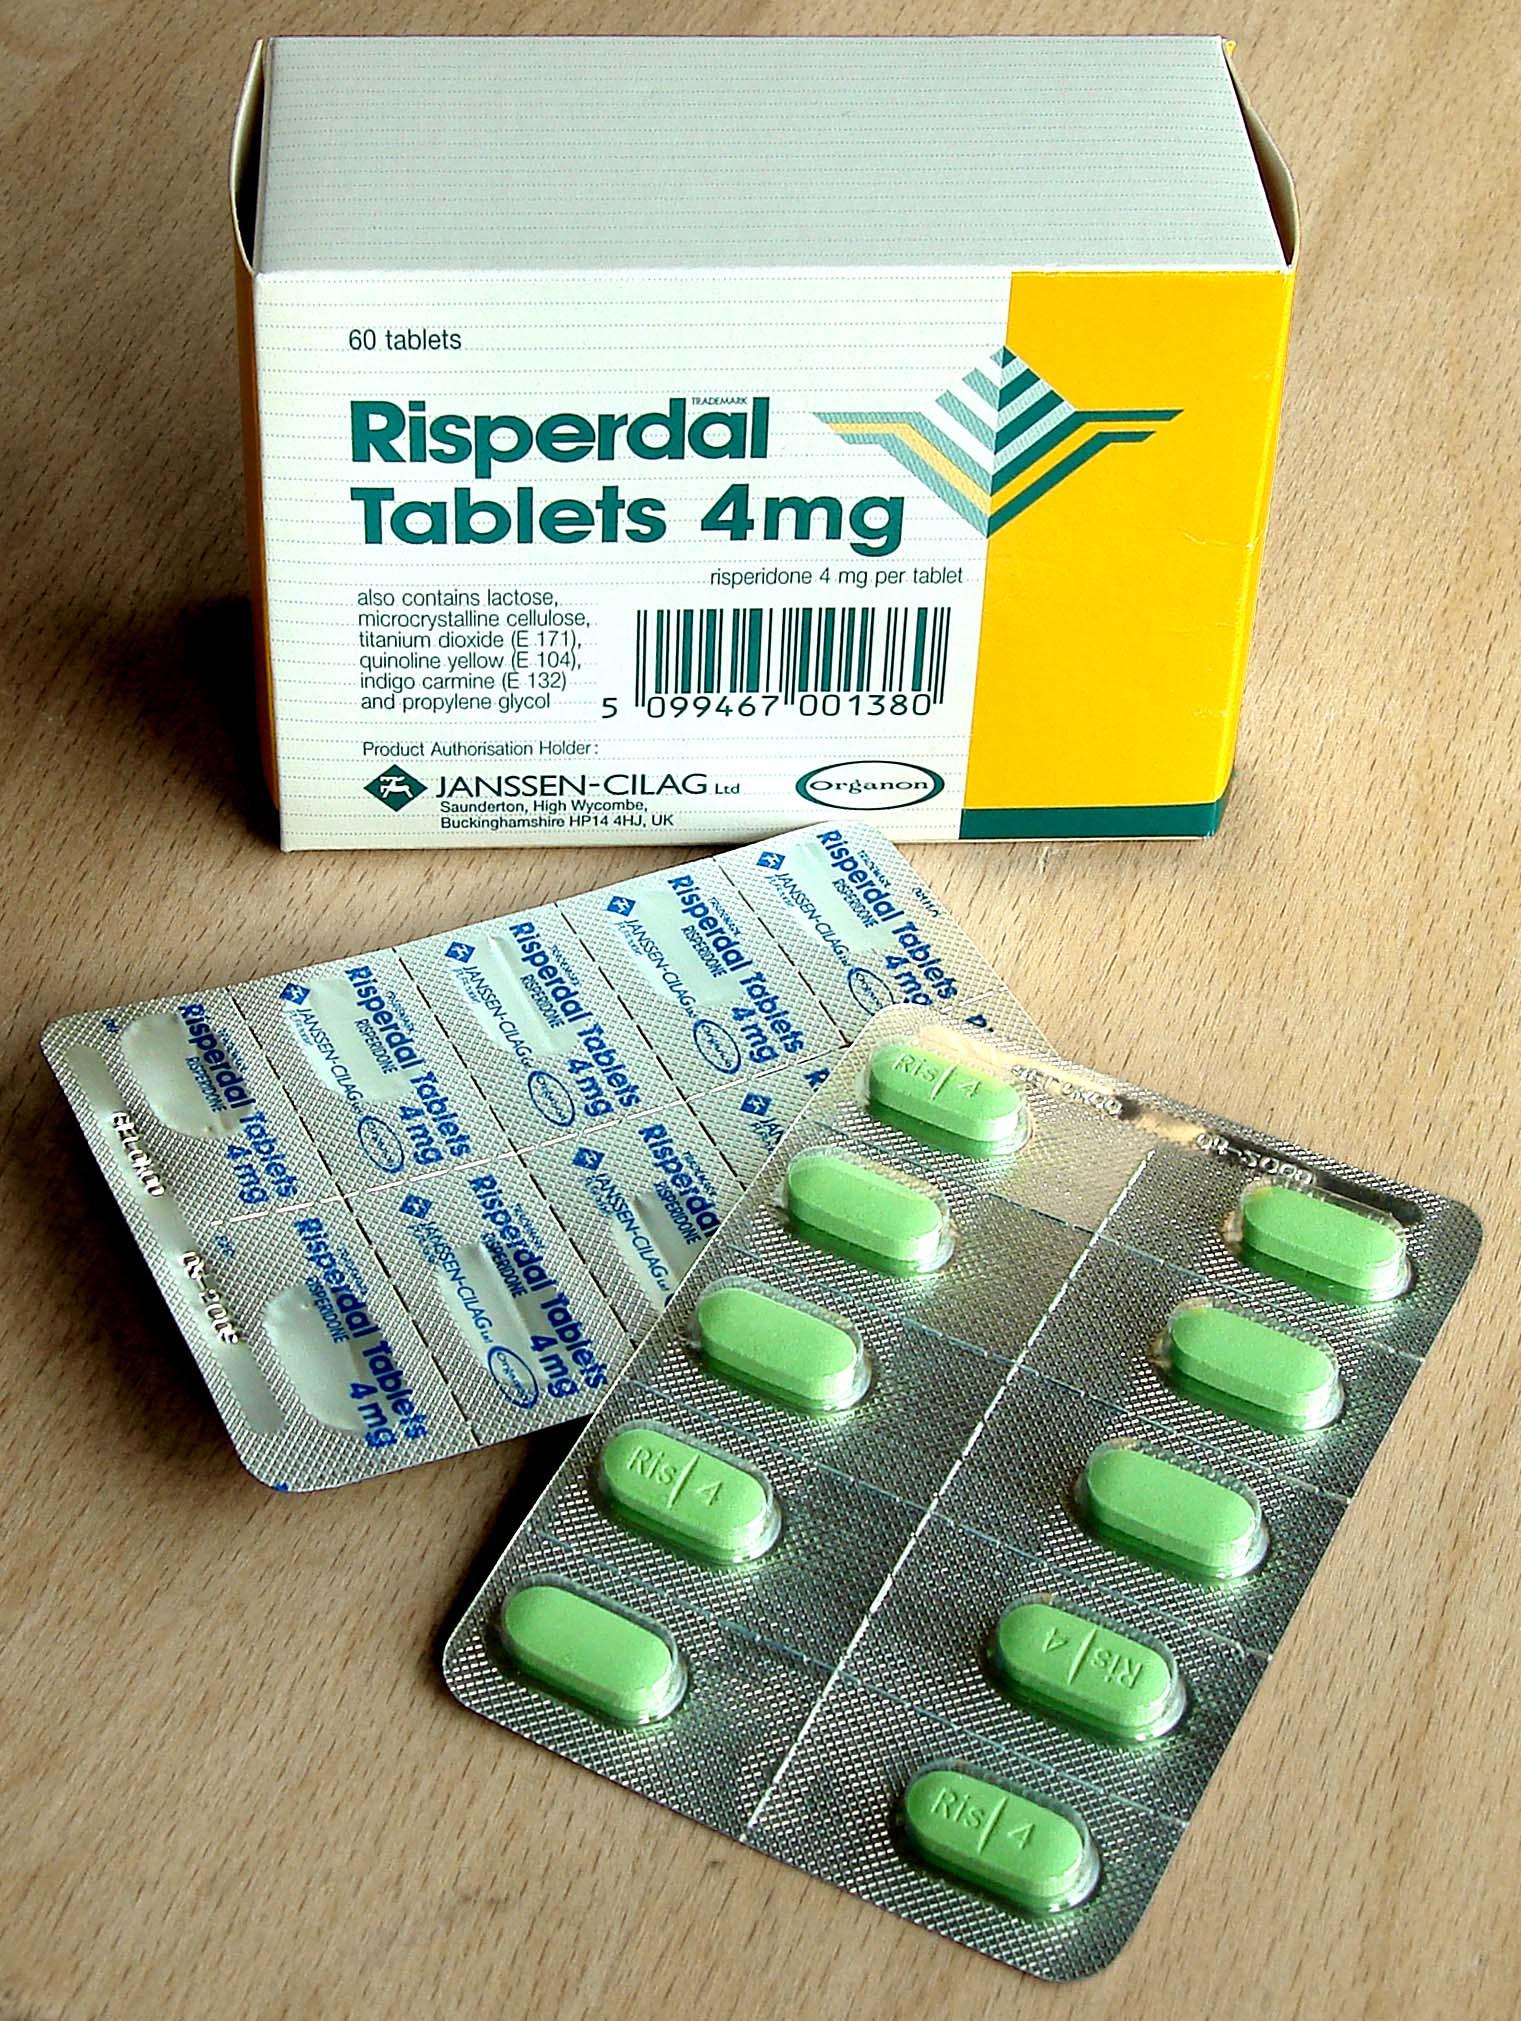 Risperdal_tablets.jpg